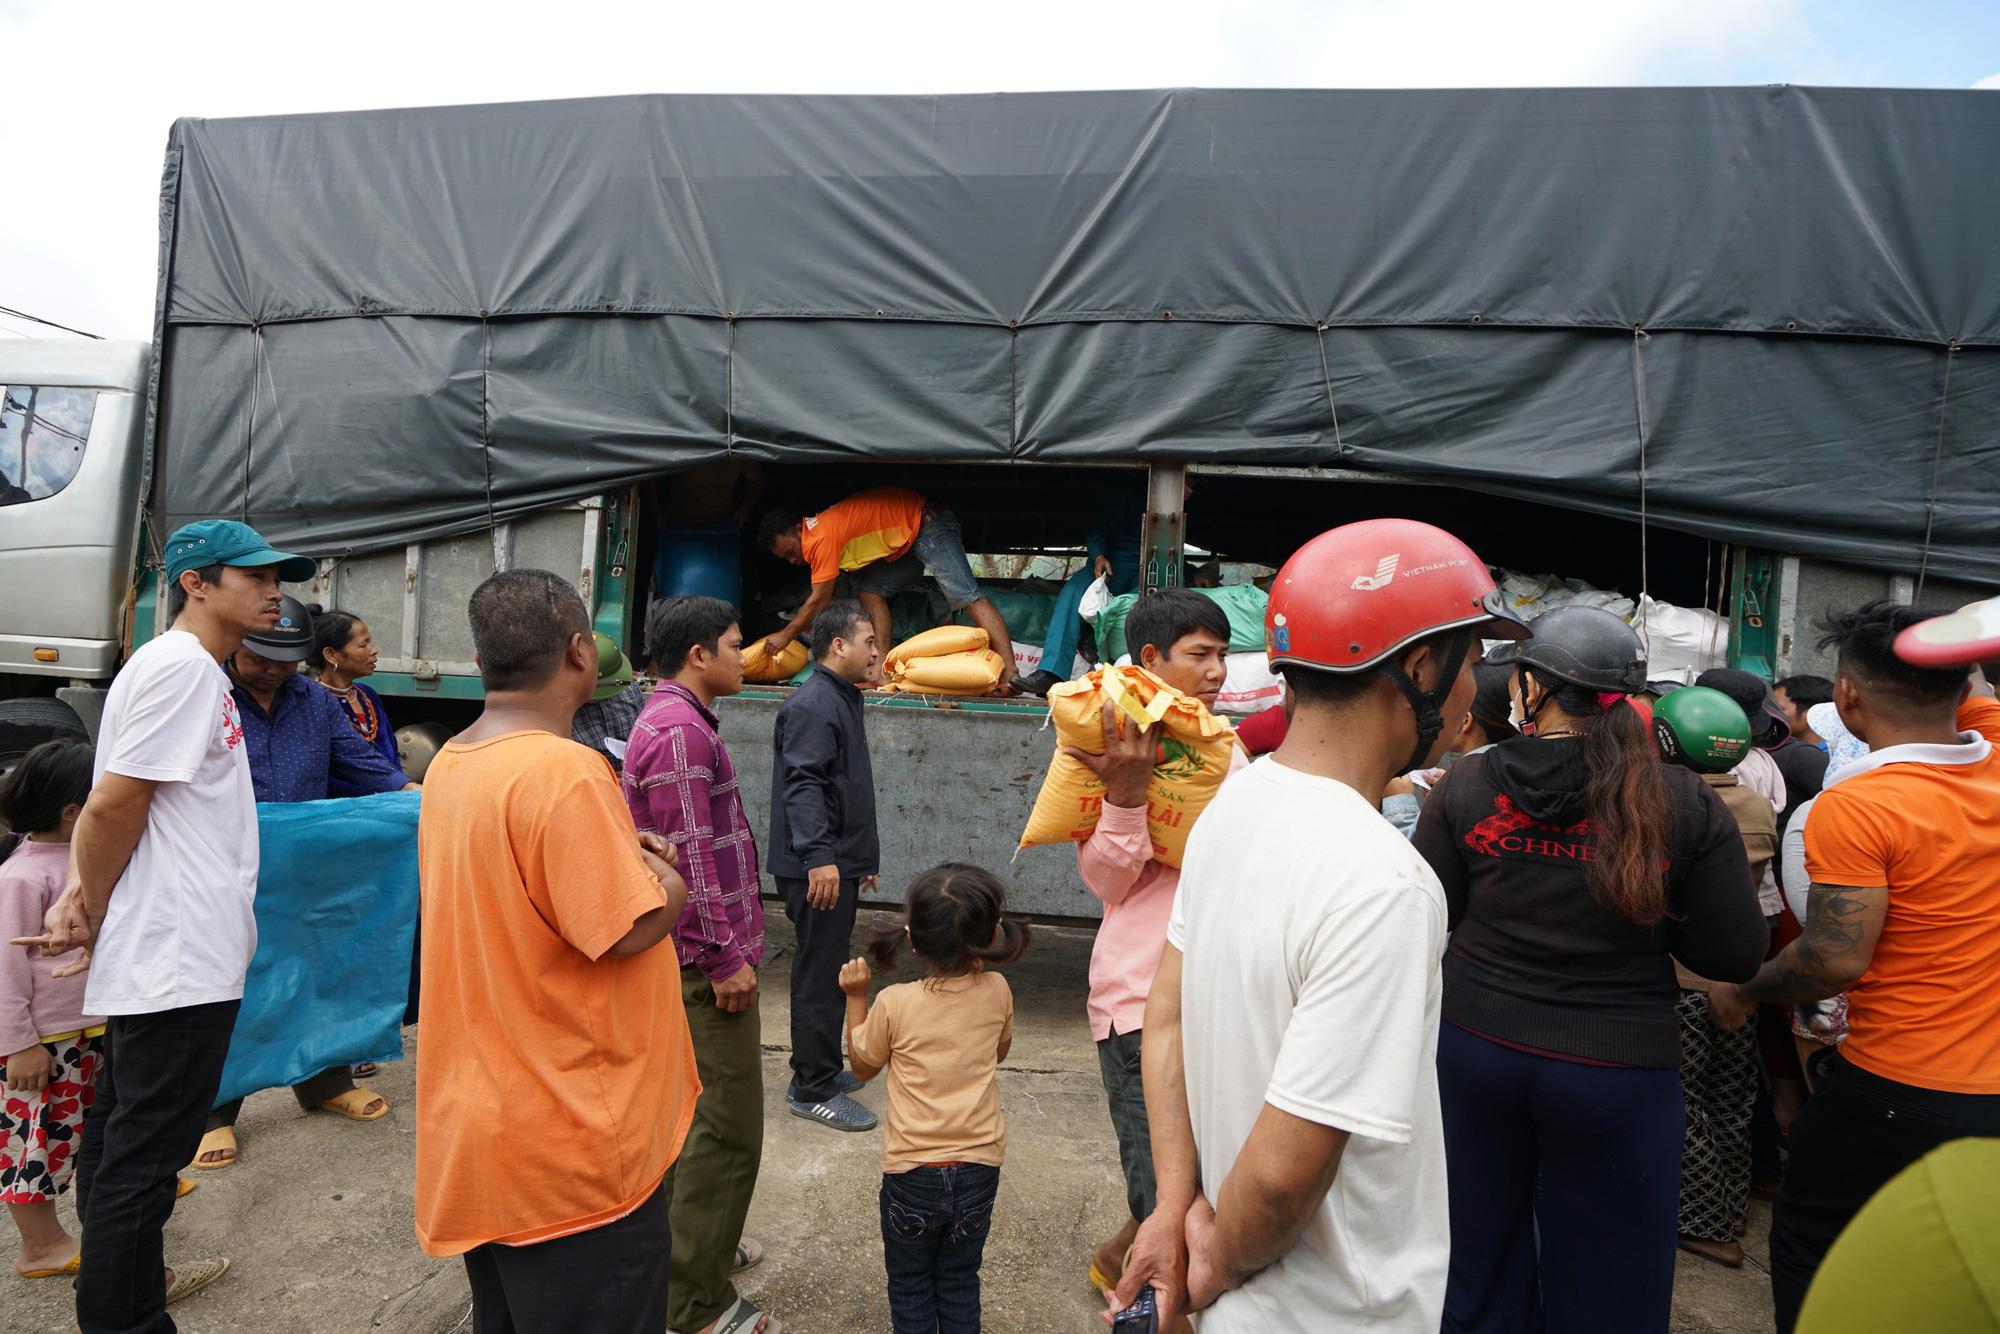 Quảng Nam: Tập đoàn FVG tặng 1100 suất quà hỗ trợ đồng bào miền núi bị ảnh hưởng do bão lũ  - Ảnh 5.